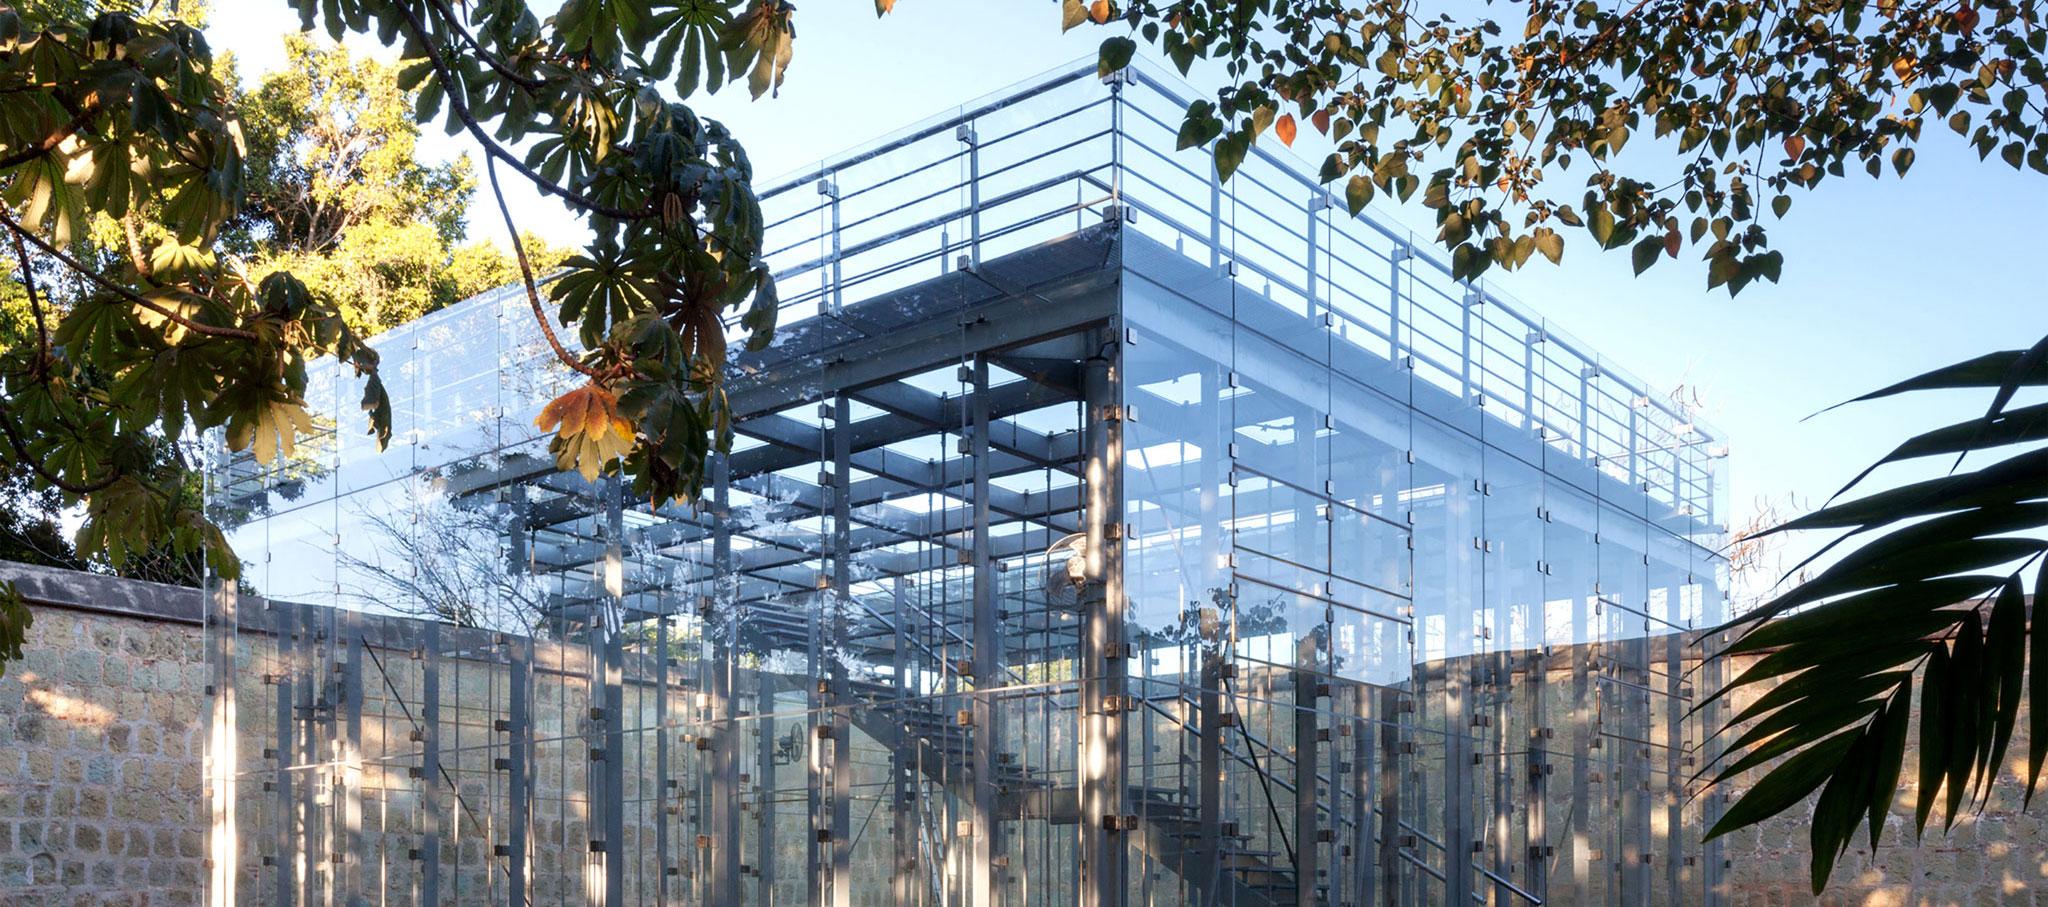 Exterior. Pabellón Educativo de Orquídeas por FGP Atelier. Fotografía por FGP Atelier